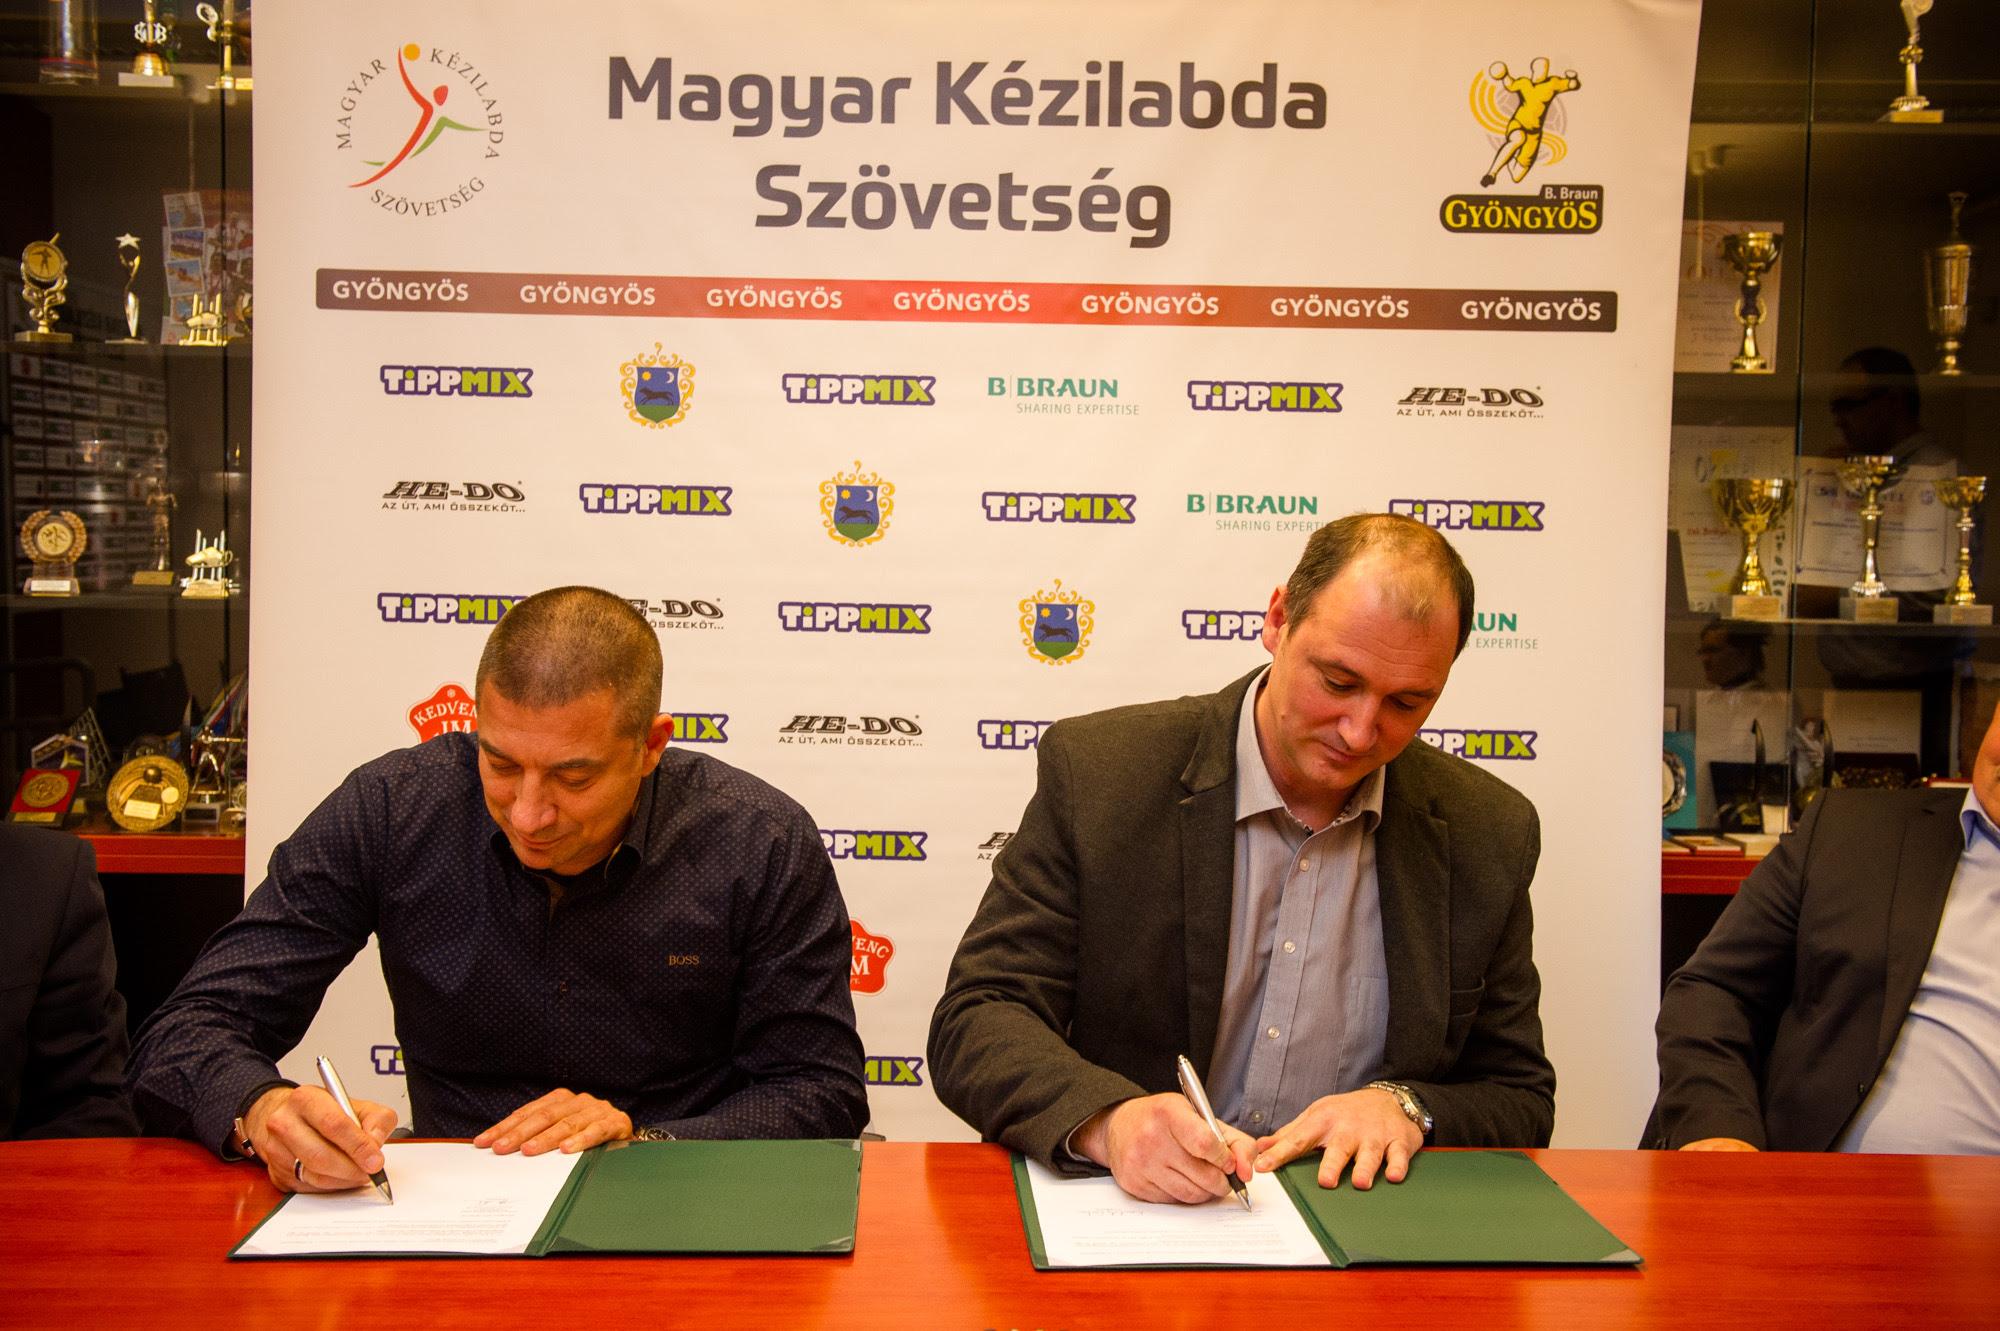 Konkoly Csaba a B. Braun Gyöngyös új edzője